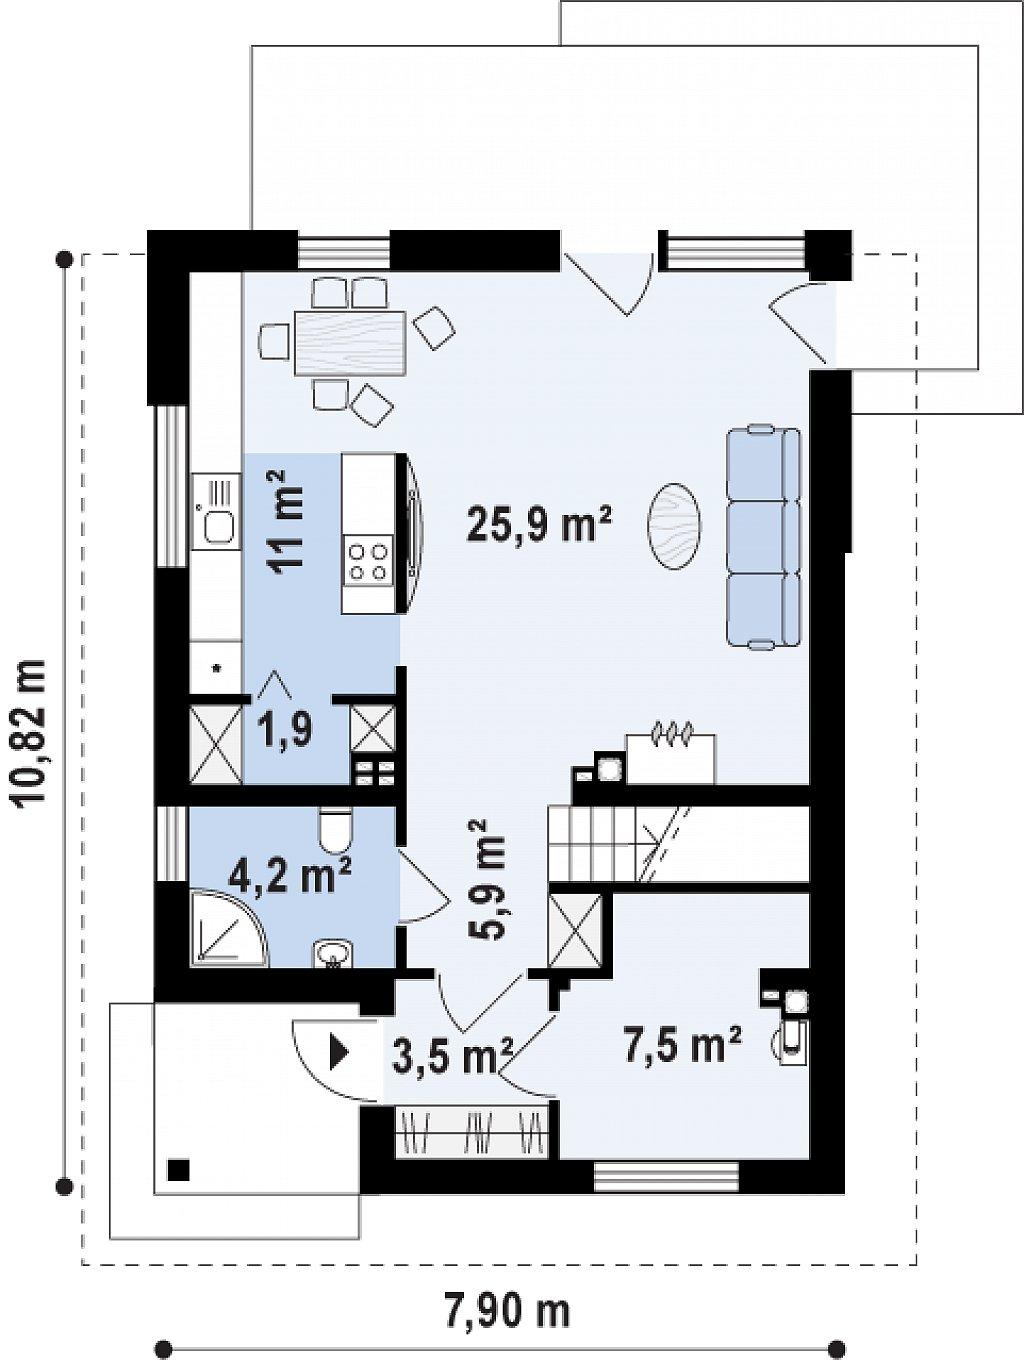 Проект компактного, функционального дома, с кирпичной облицовкой фасадов. план помещений 1